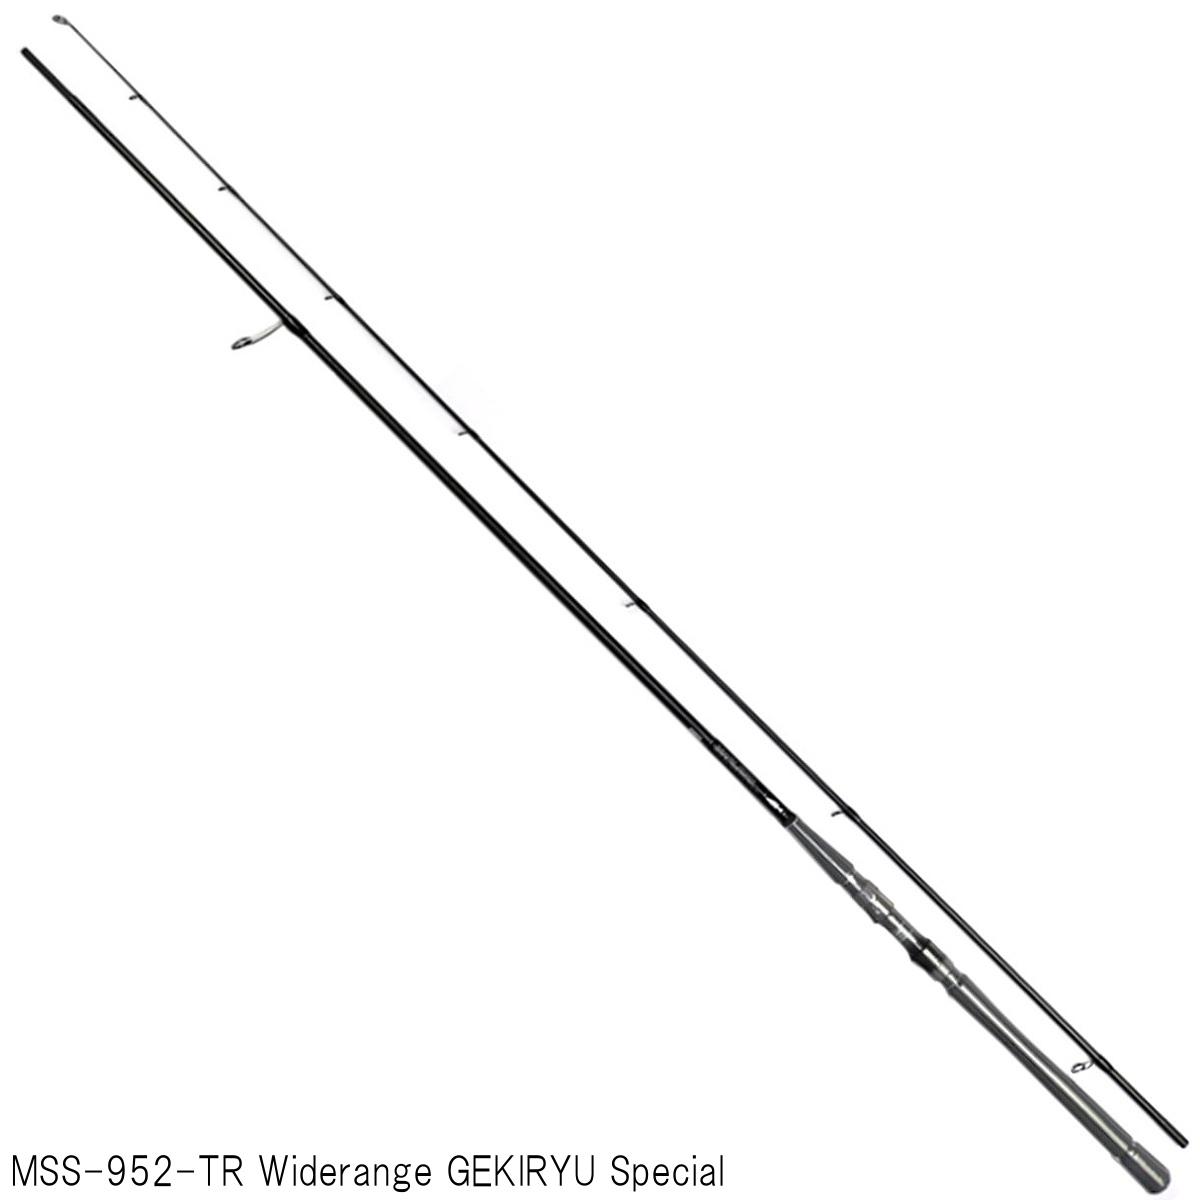 ジークラフト SEVEN SENSE-TR MONSTER STREAM MSS-952-TR Widerange GEKIRYU Special【大型商品】